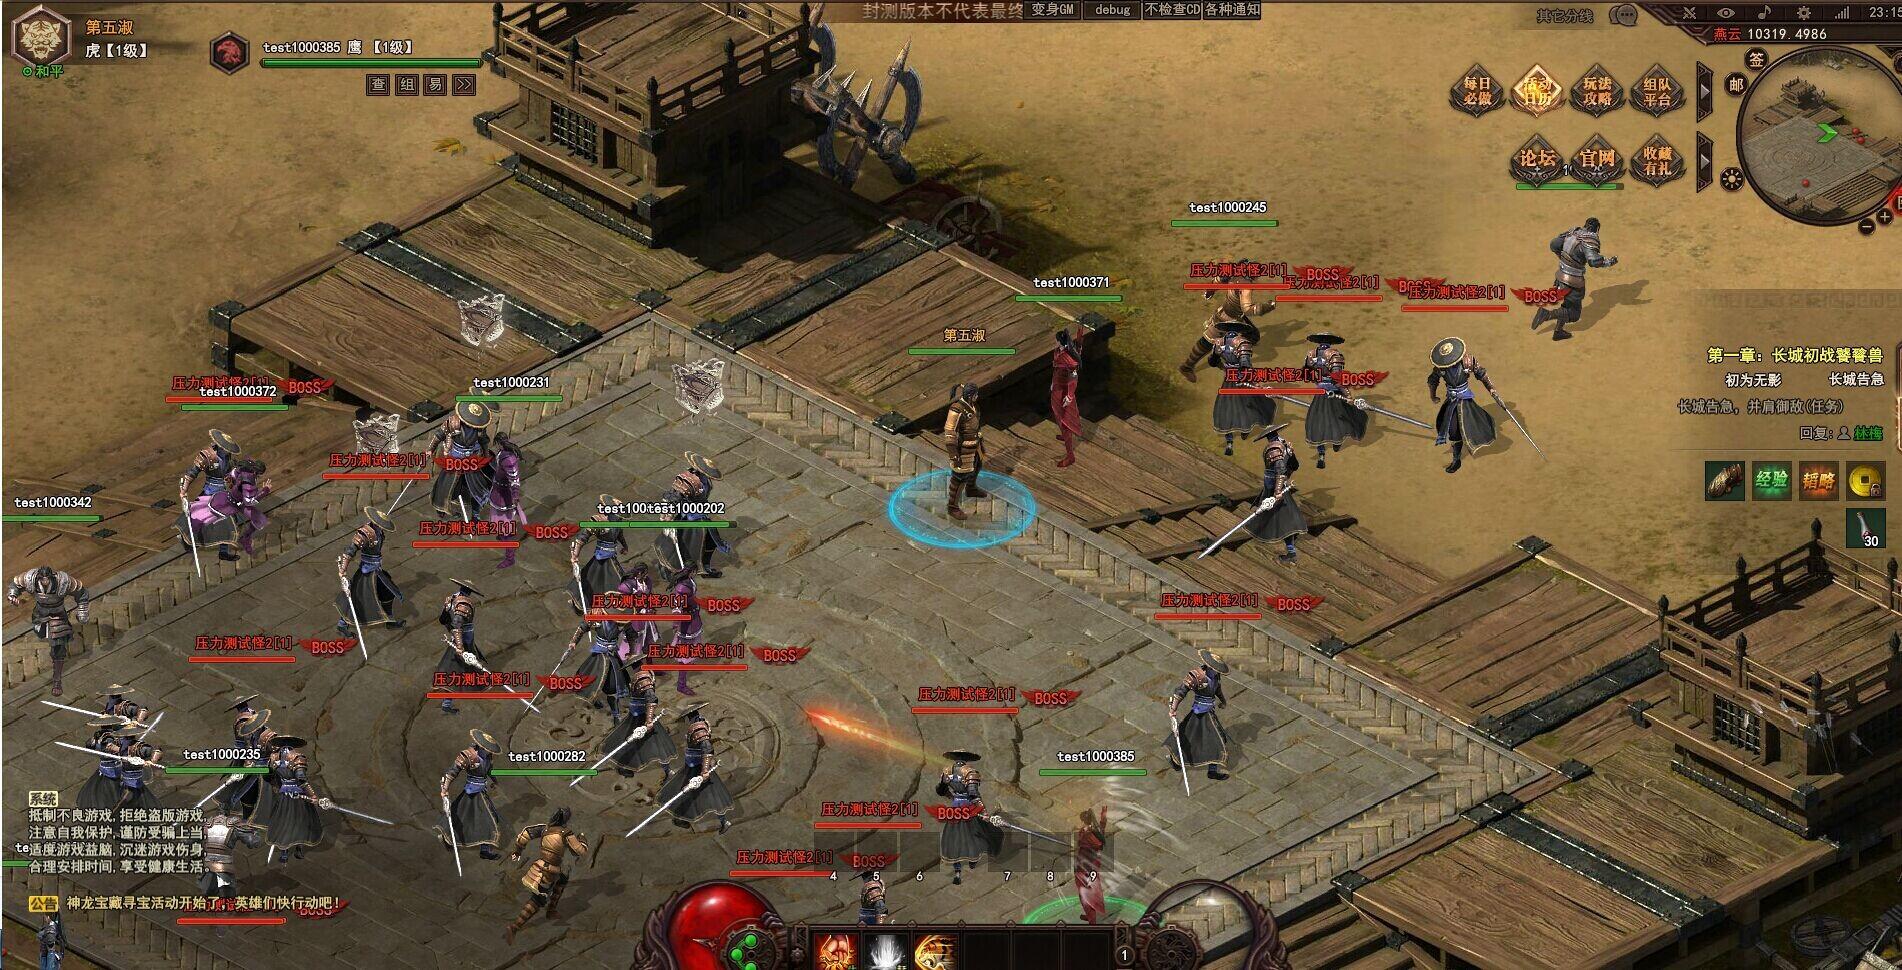 《长城OL》最新游戏截图